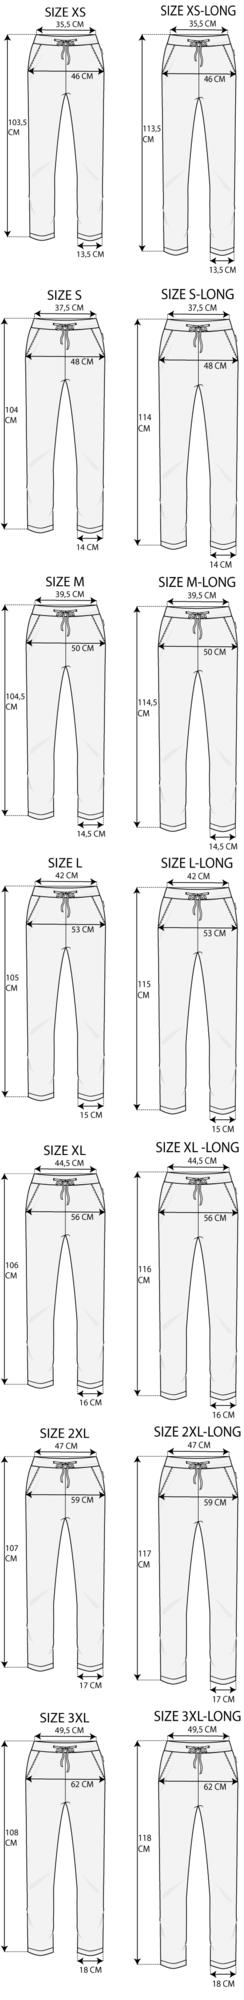 Maattabel Regular Pant